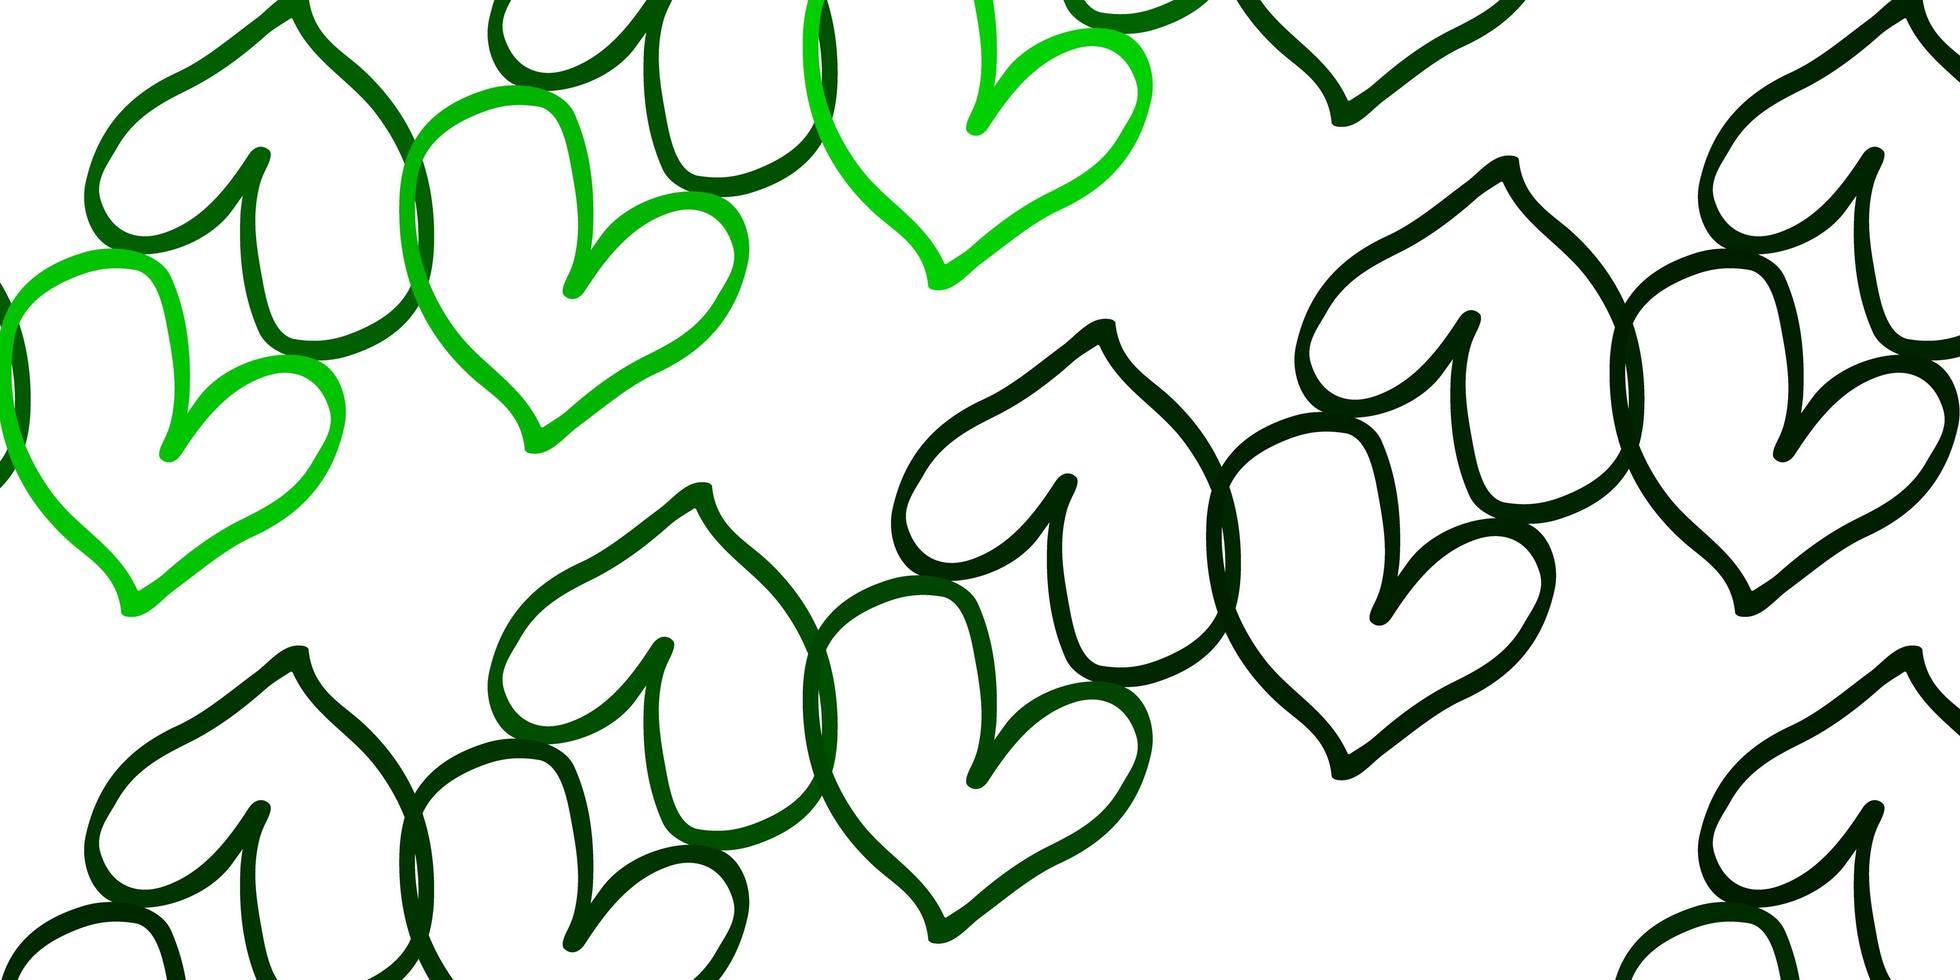 hellgrüner Vektorhintergrund mit süßen Herzen. vektor